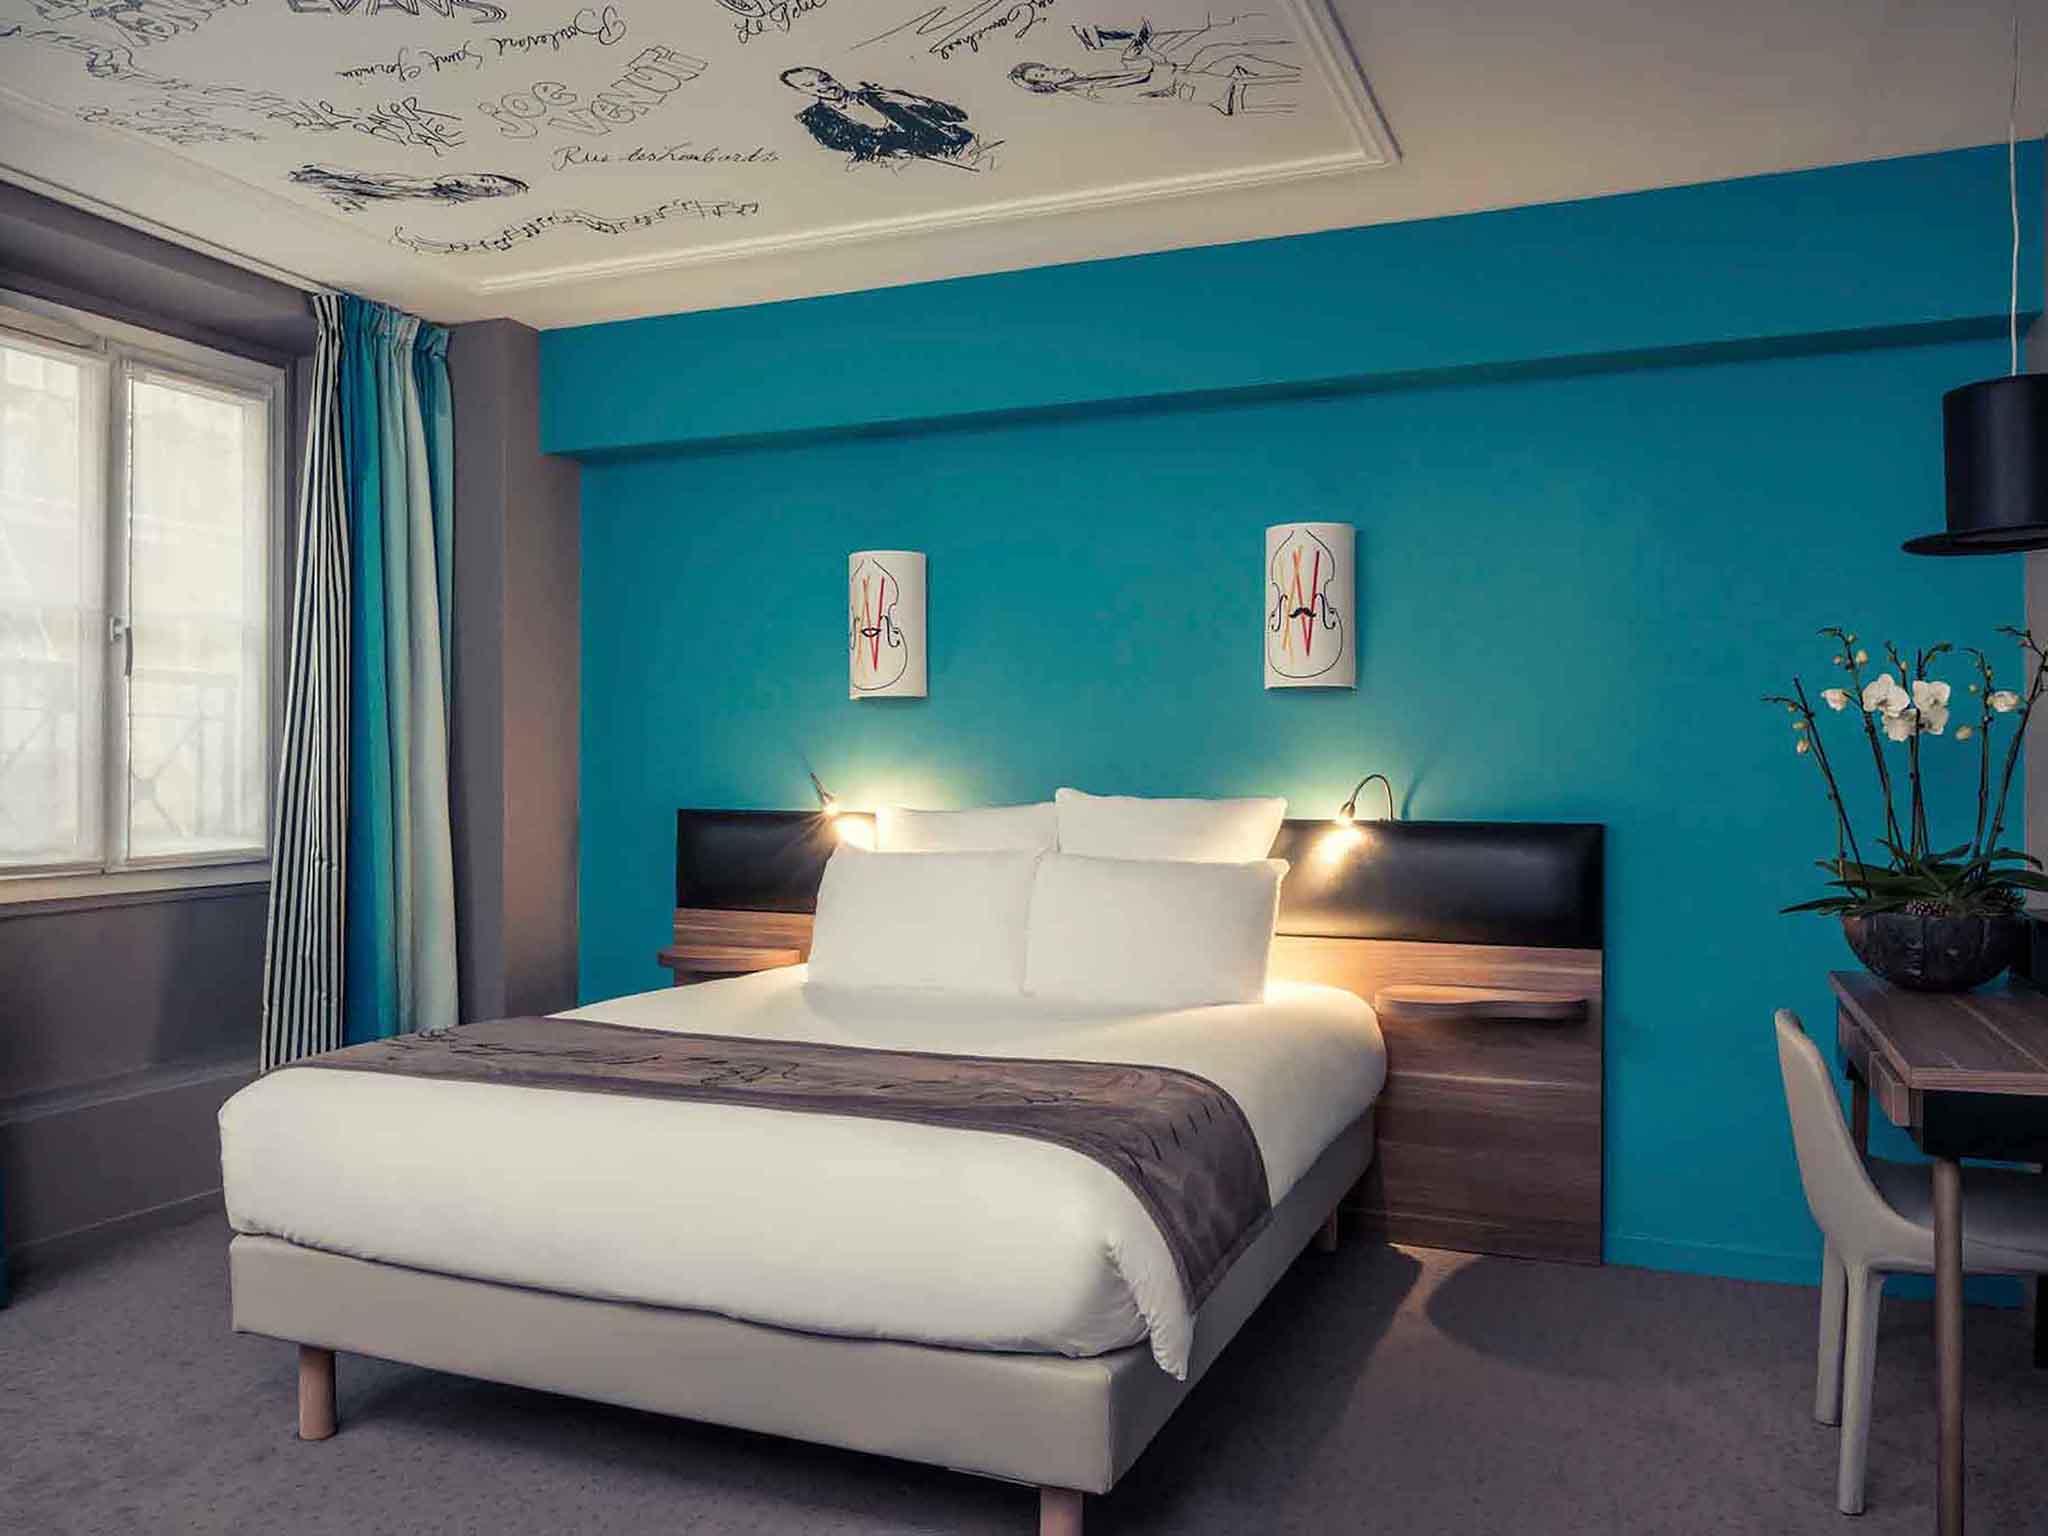 โรงแรม – เมอร์เคียว ปารีส โอเปร่า กรองด์ บูเลอวาร์ด